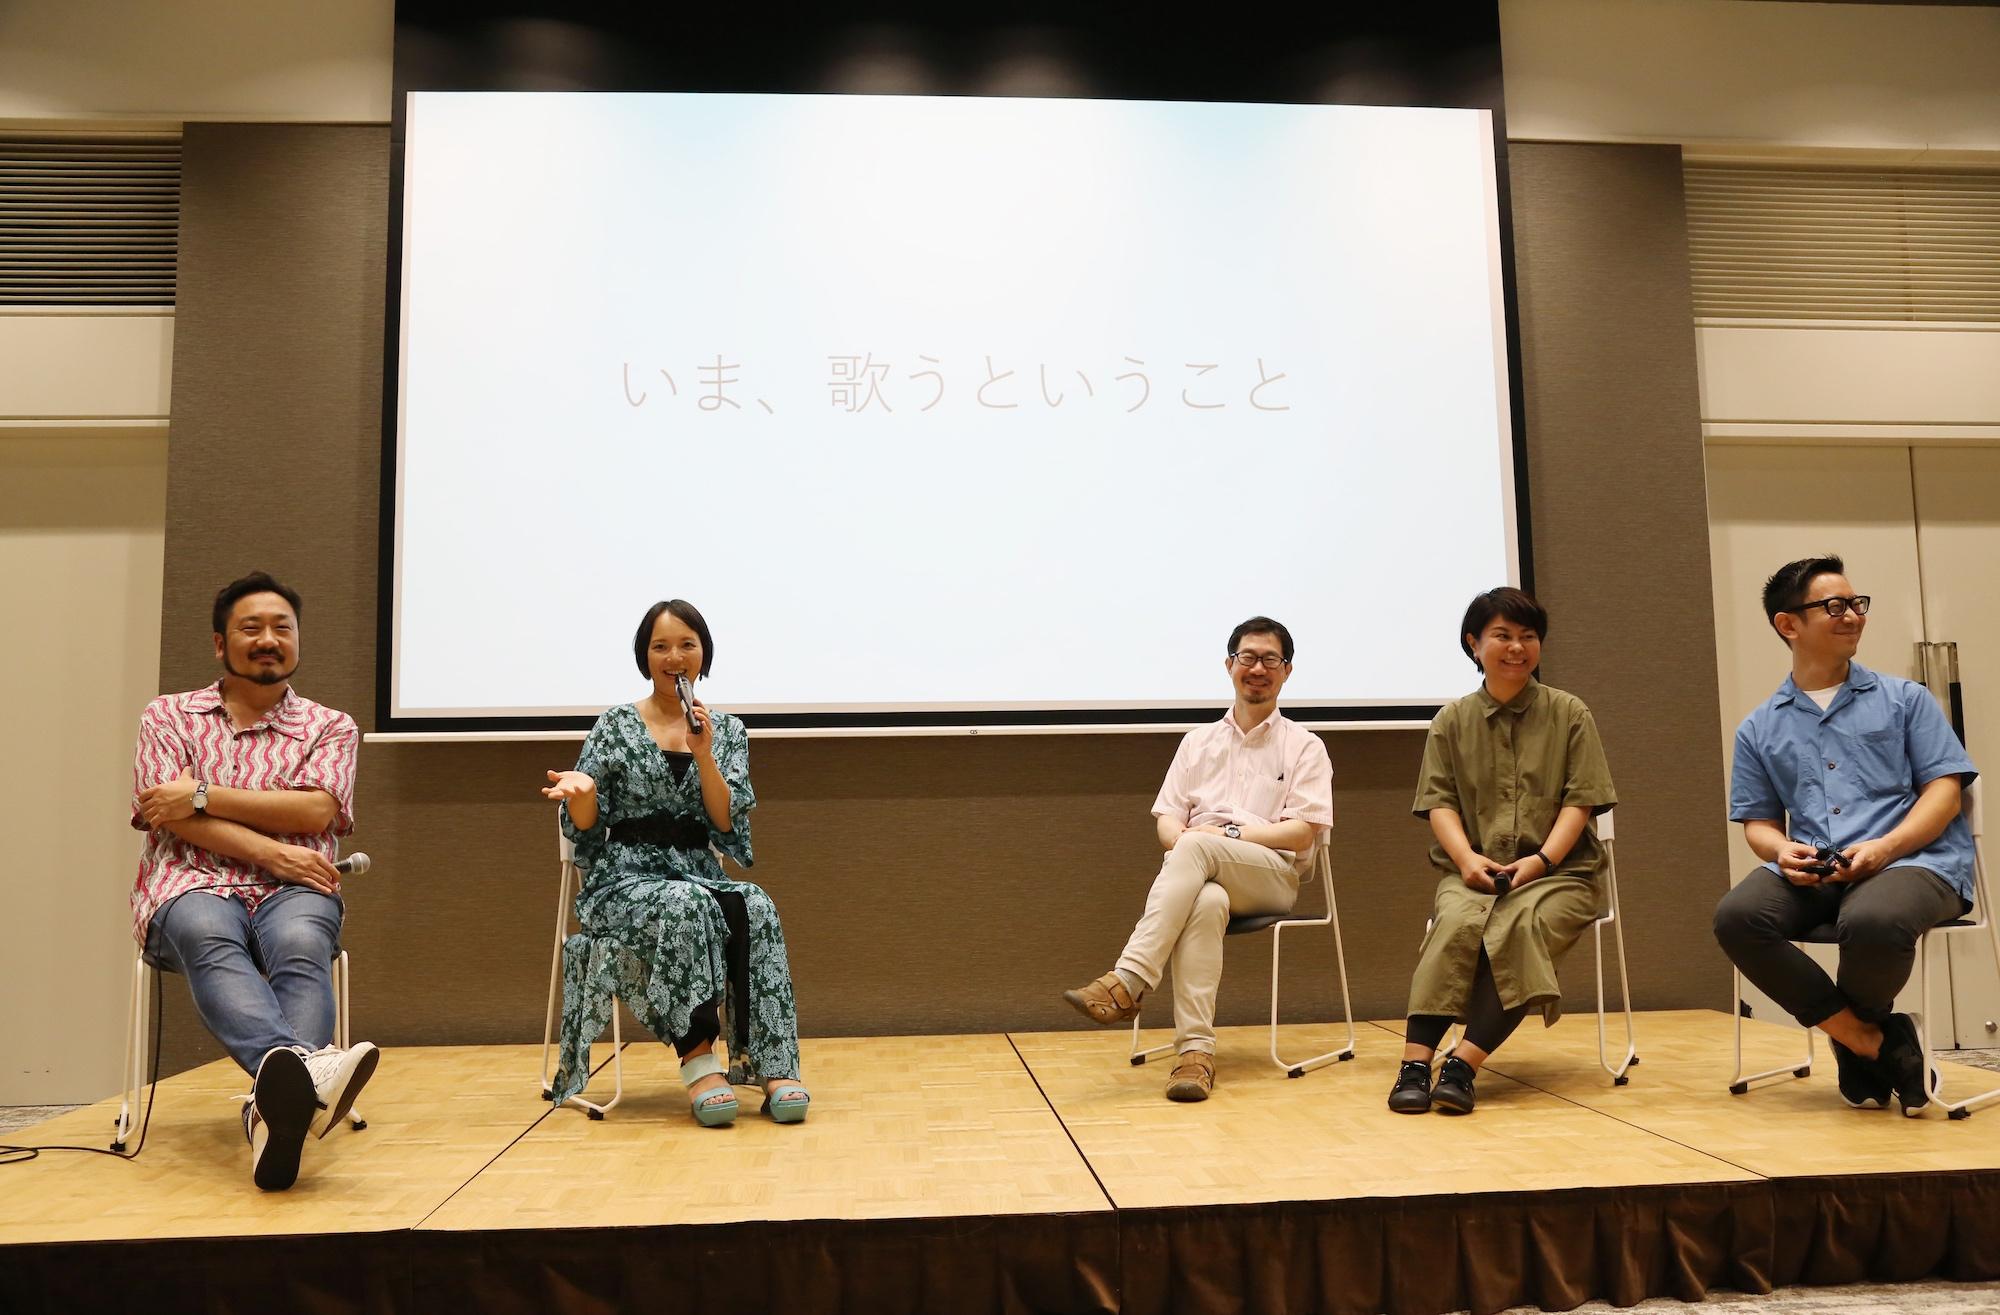 (左から)川瀬慈・松田美緒・高倉浩樹・呉屋淳子・向井大策 photo:當麻妙